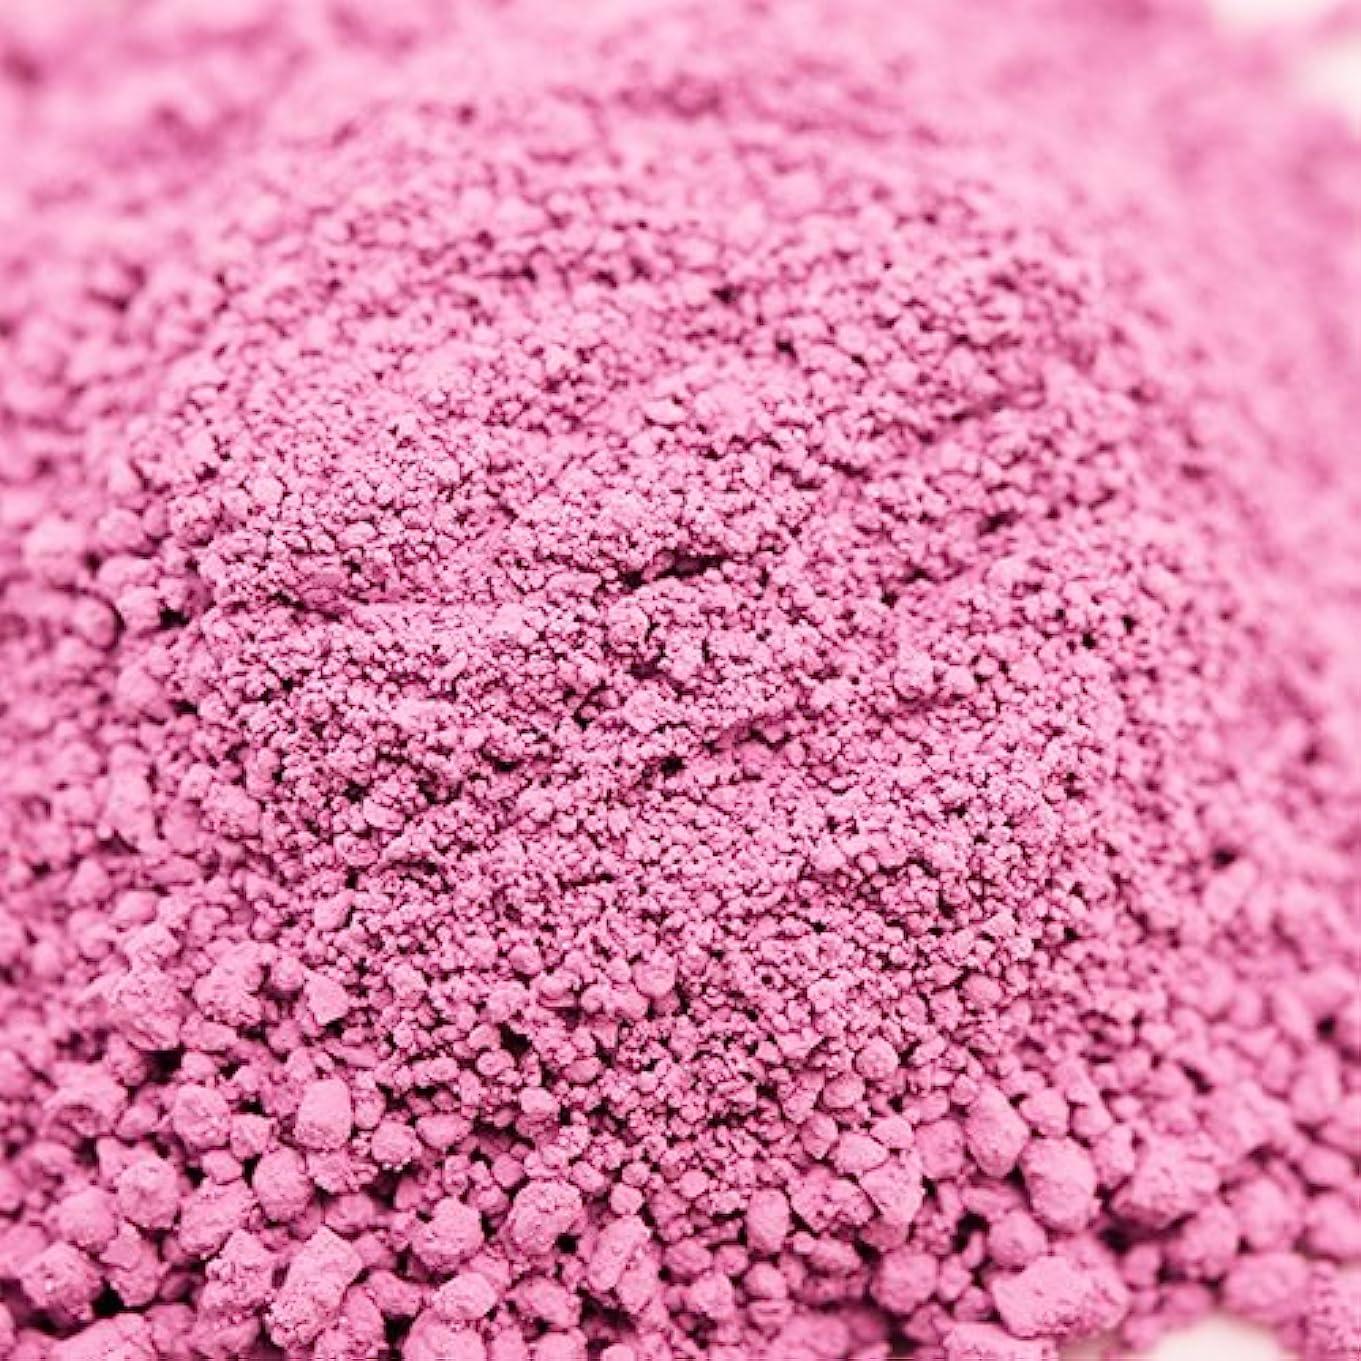 頭蓋骨アームストロング仮定するウルトラマリン ピンク 5g 【手作り石鹸/手作りコスメ/色付け/カラーラント】